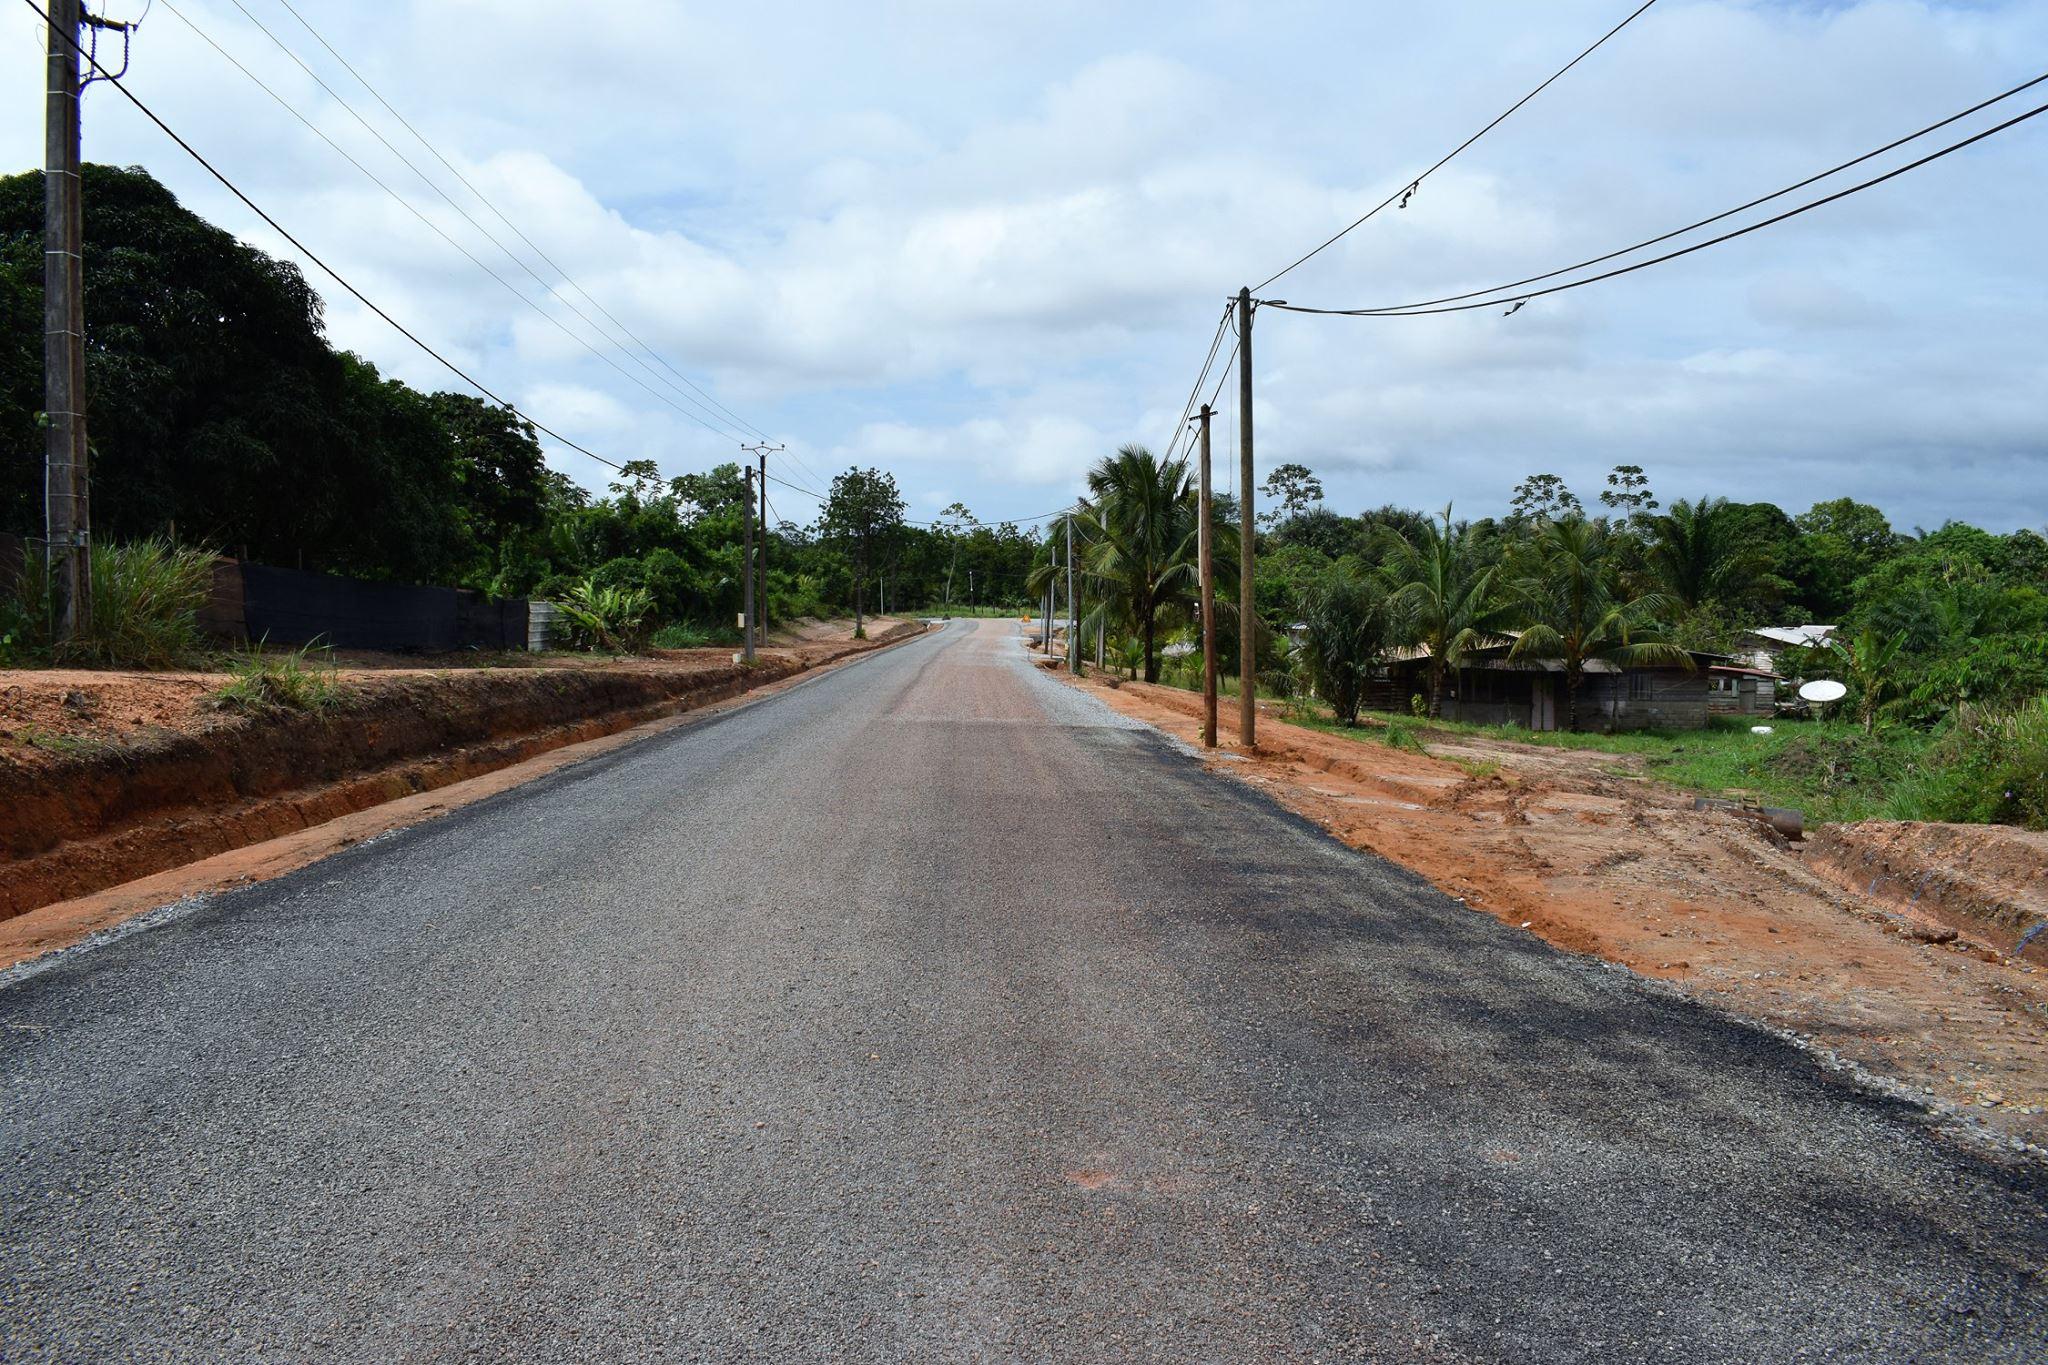 La Ville de Saint-Laurent a investi dans l'amélioration de l'avenue Paul Castaing entre Jakarta et Kamougue